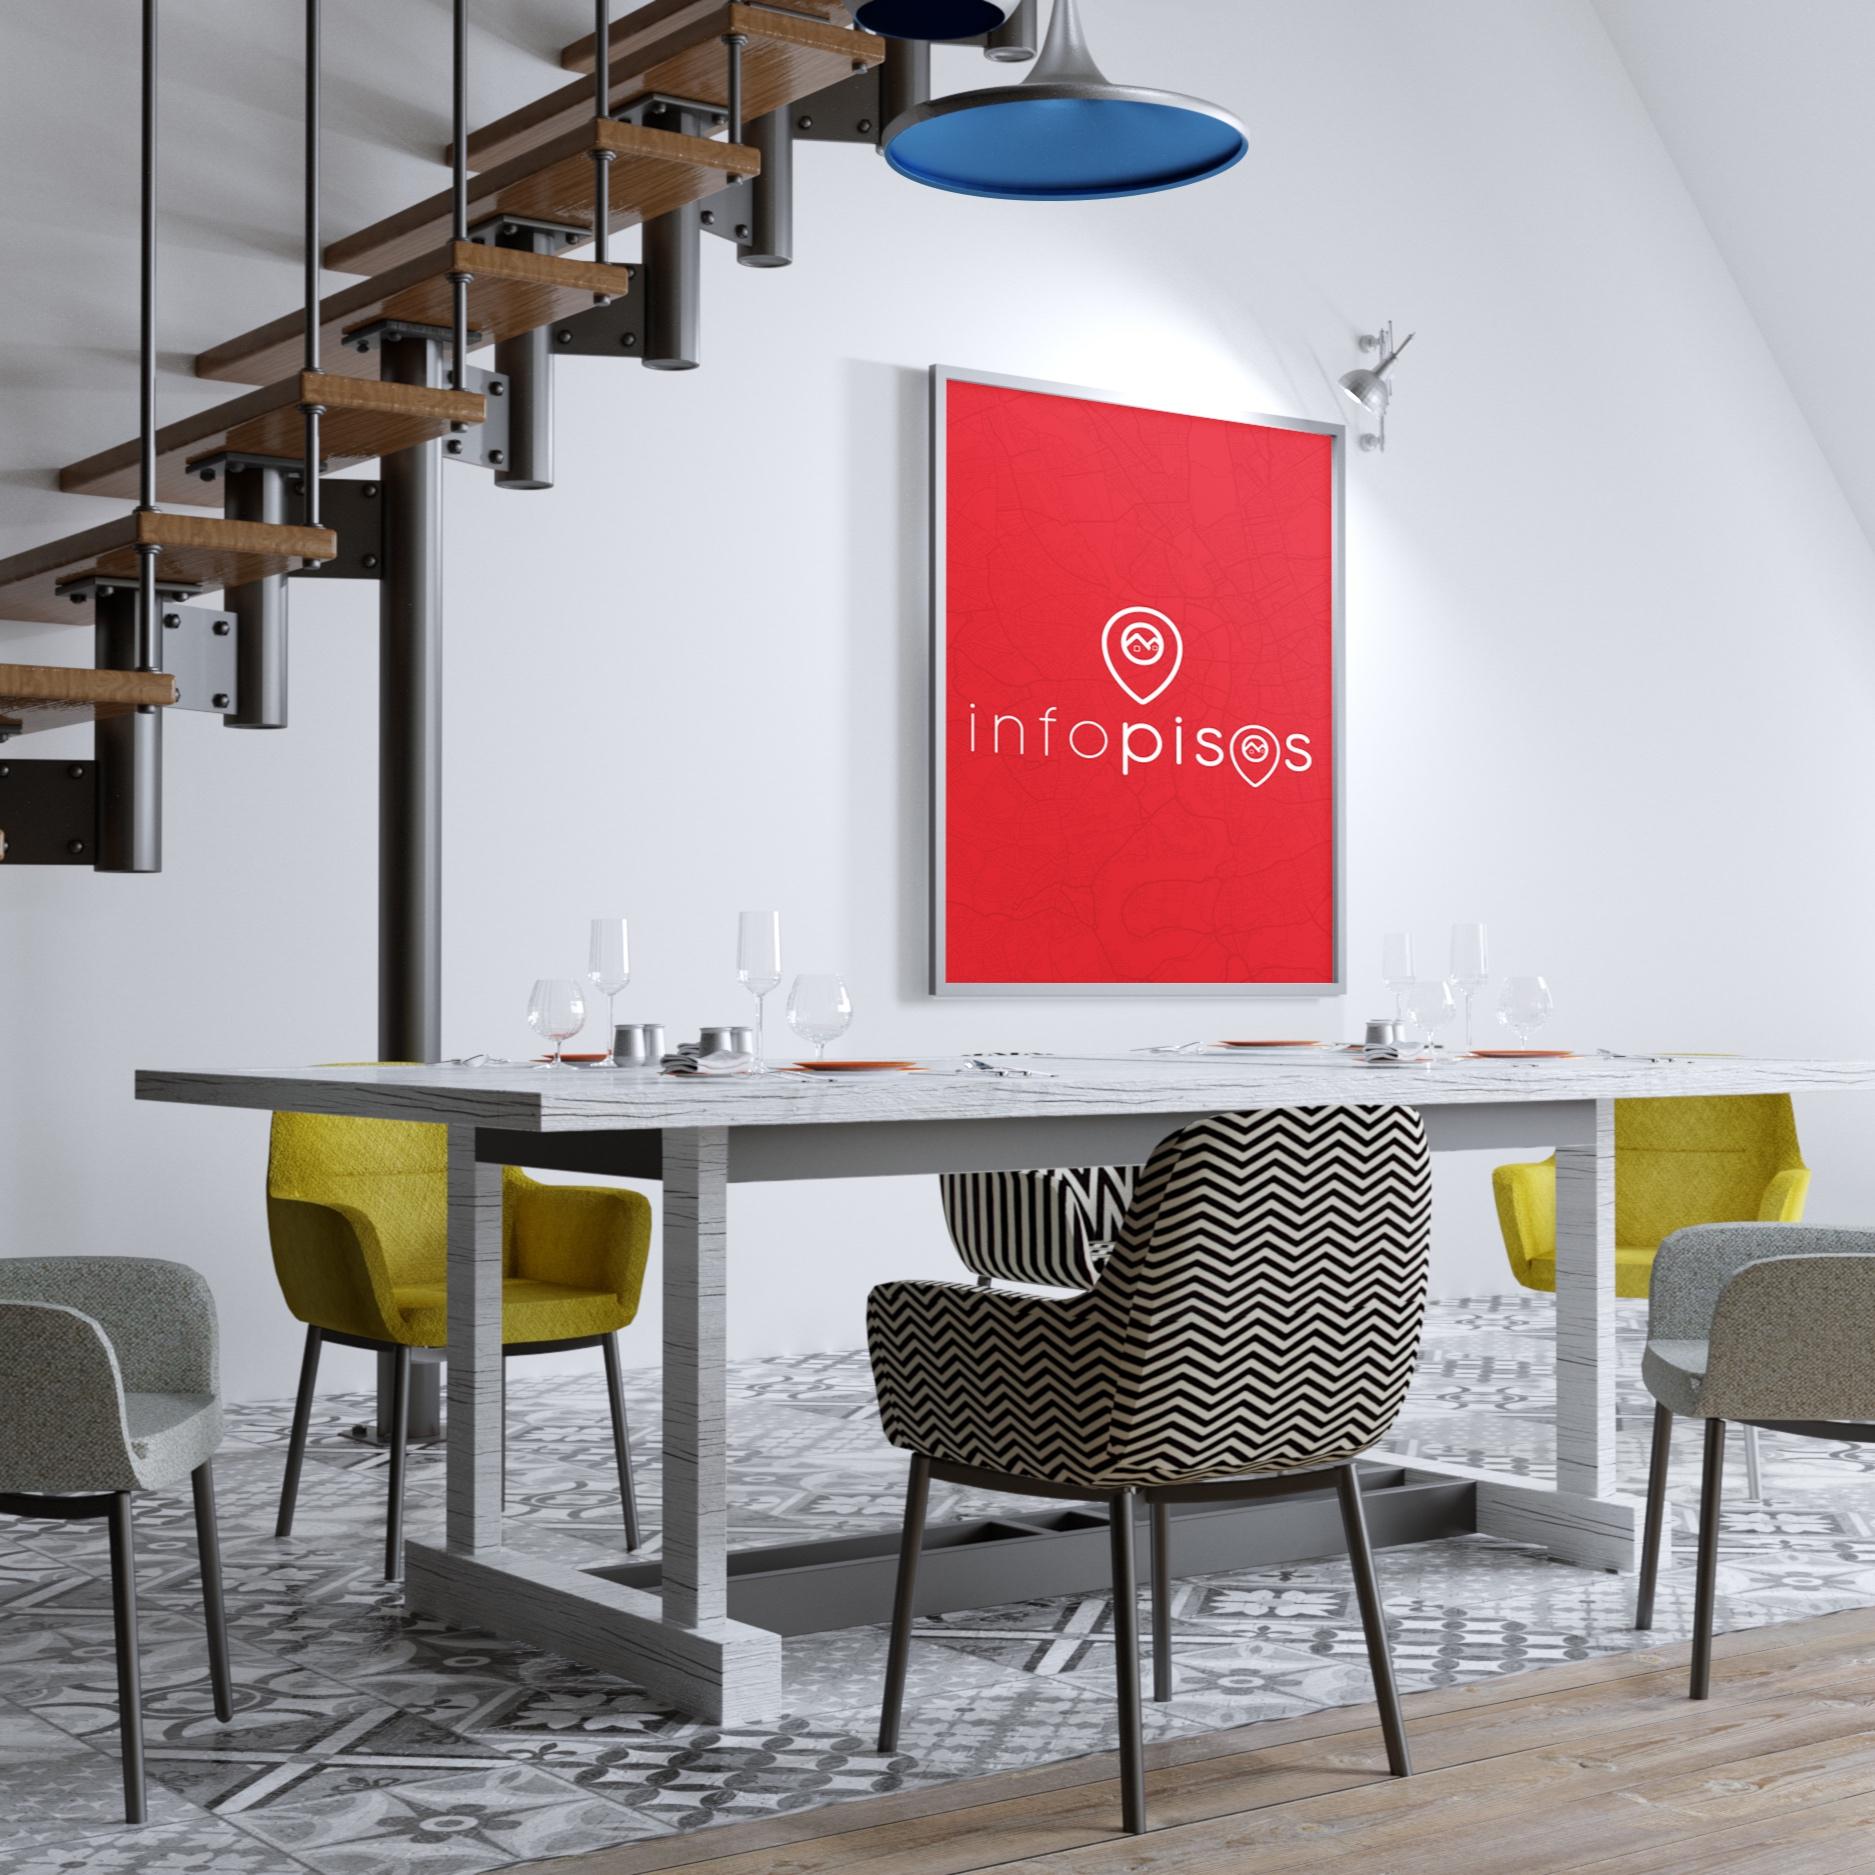 INFO PISOS - Creación de la marca, manual corporativo, diseño de una aplicación, toda la imagen para tu local. Una imagen que será recordada para siempre.